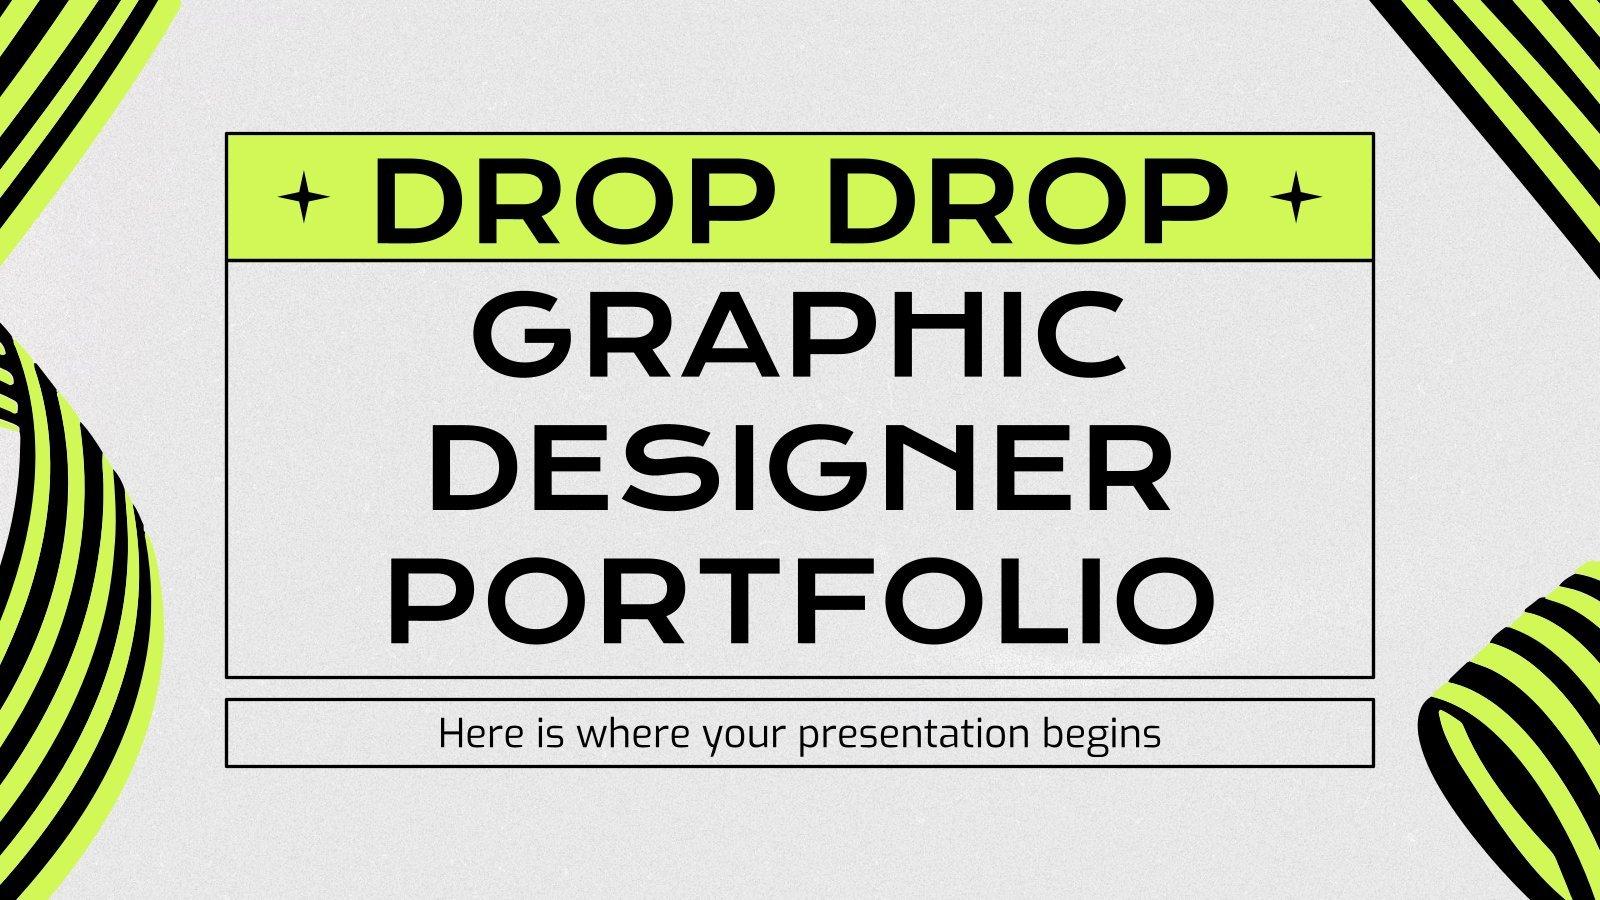 Modelo de apresentação Portfólio para designers gráficos